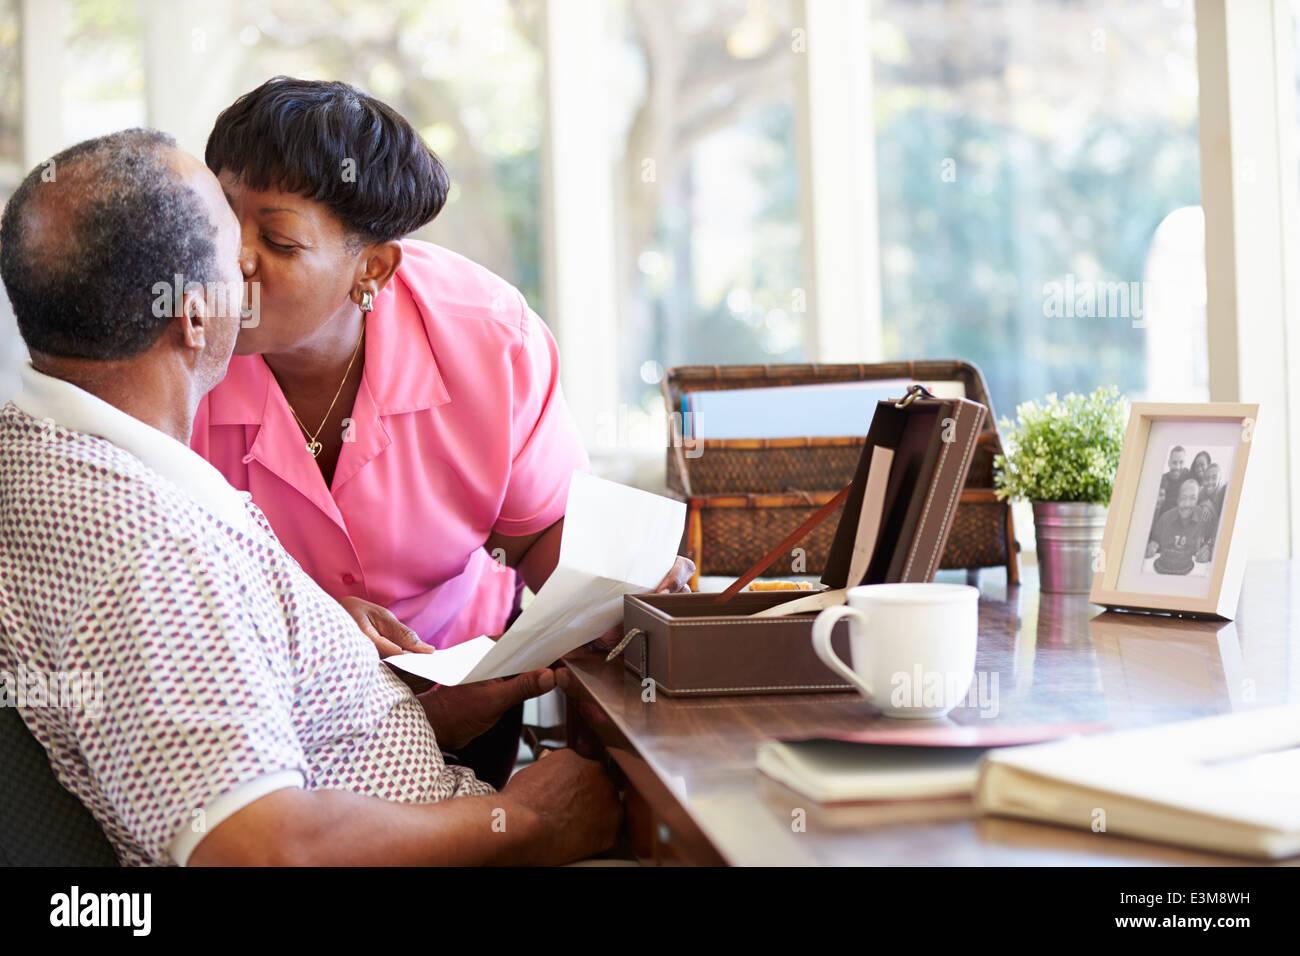 Senior Couple Putting Letter Into Keepsake Box - Stock Image